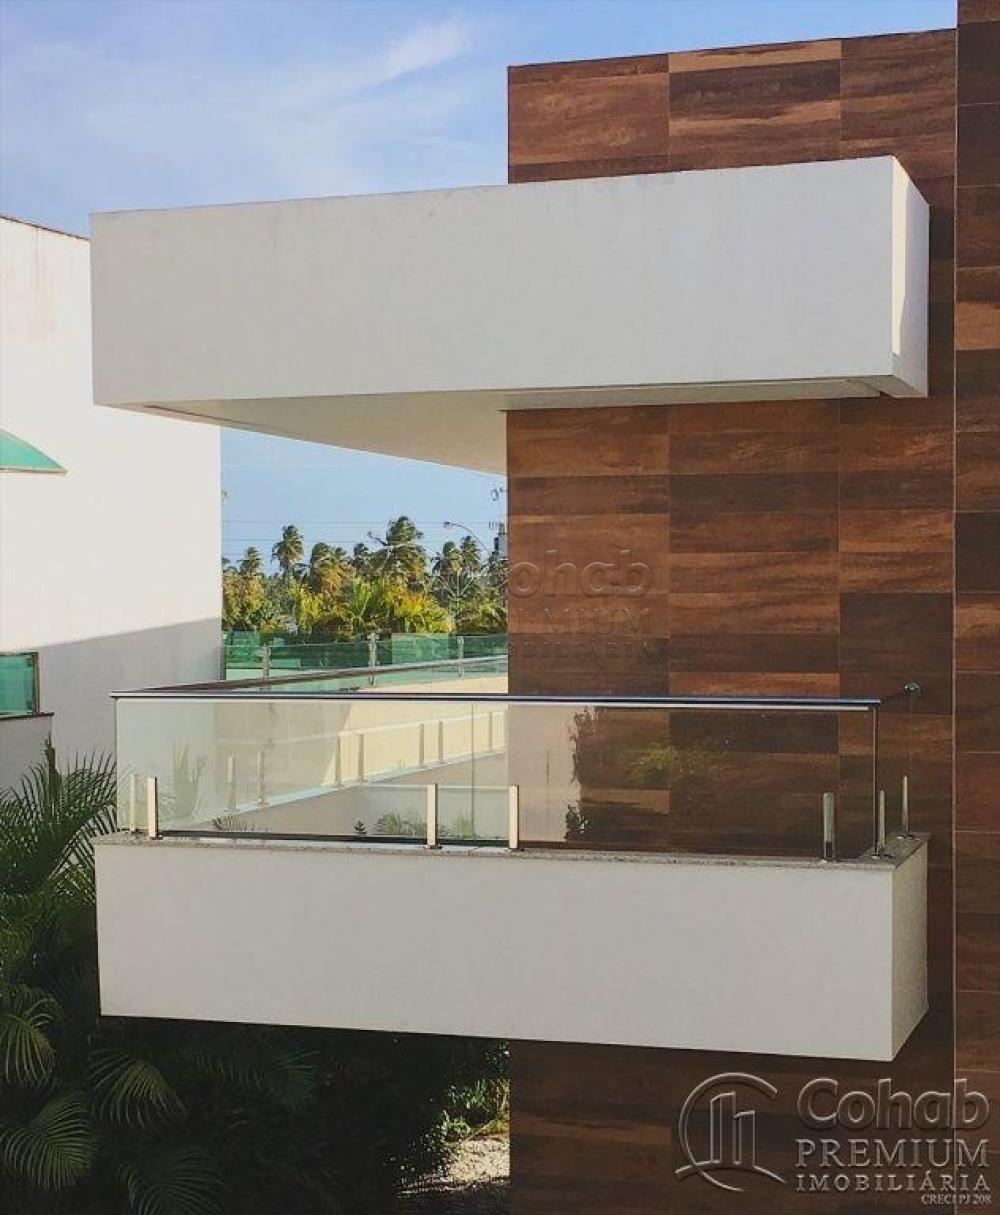 Comprar Casa / Condomínio em Aracaju apenas R$ 2.250.000,00 - Foto 3